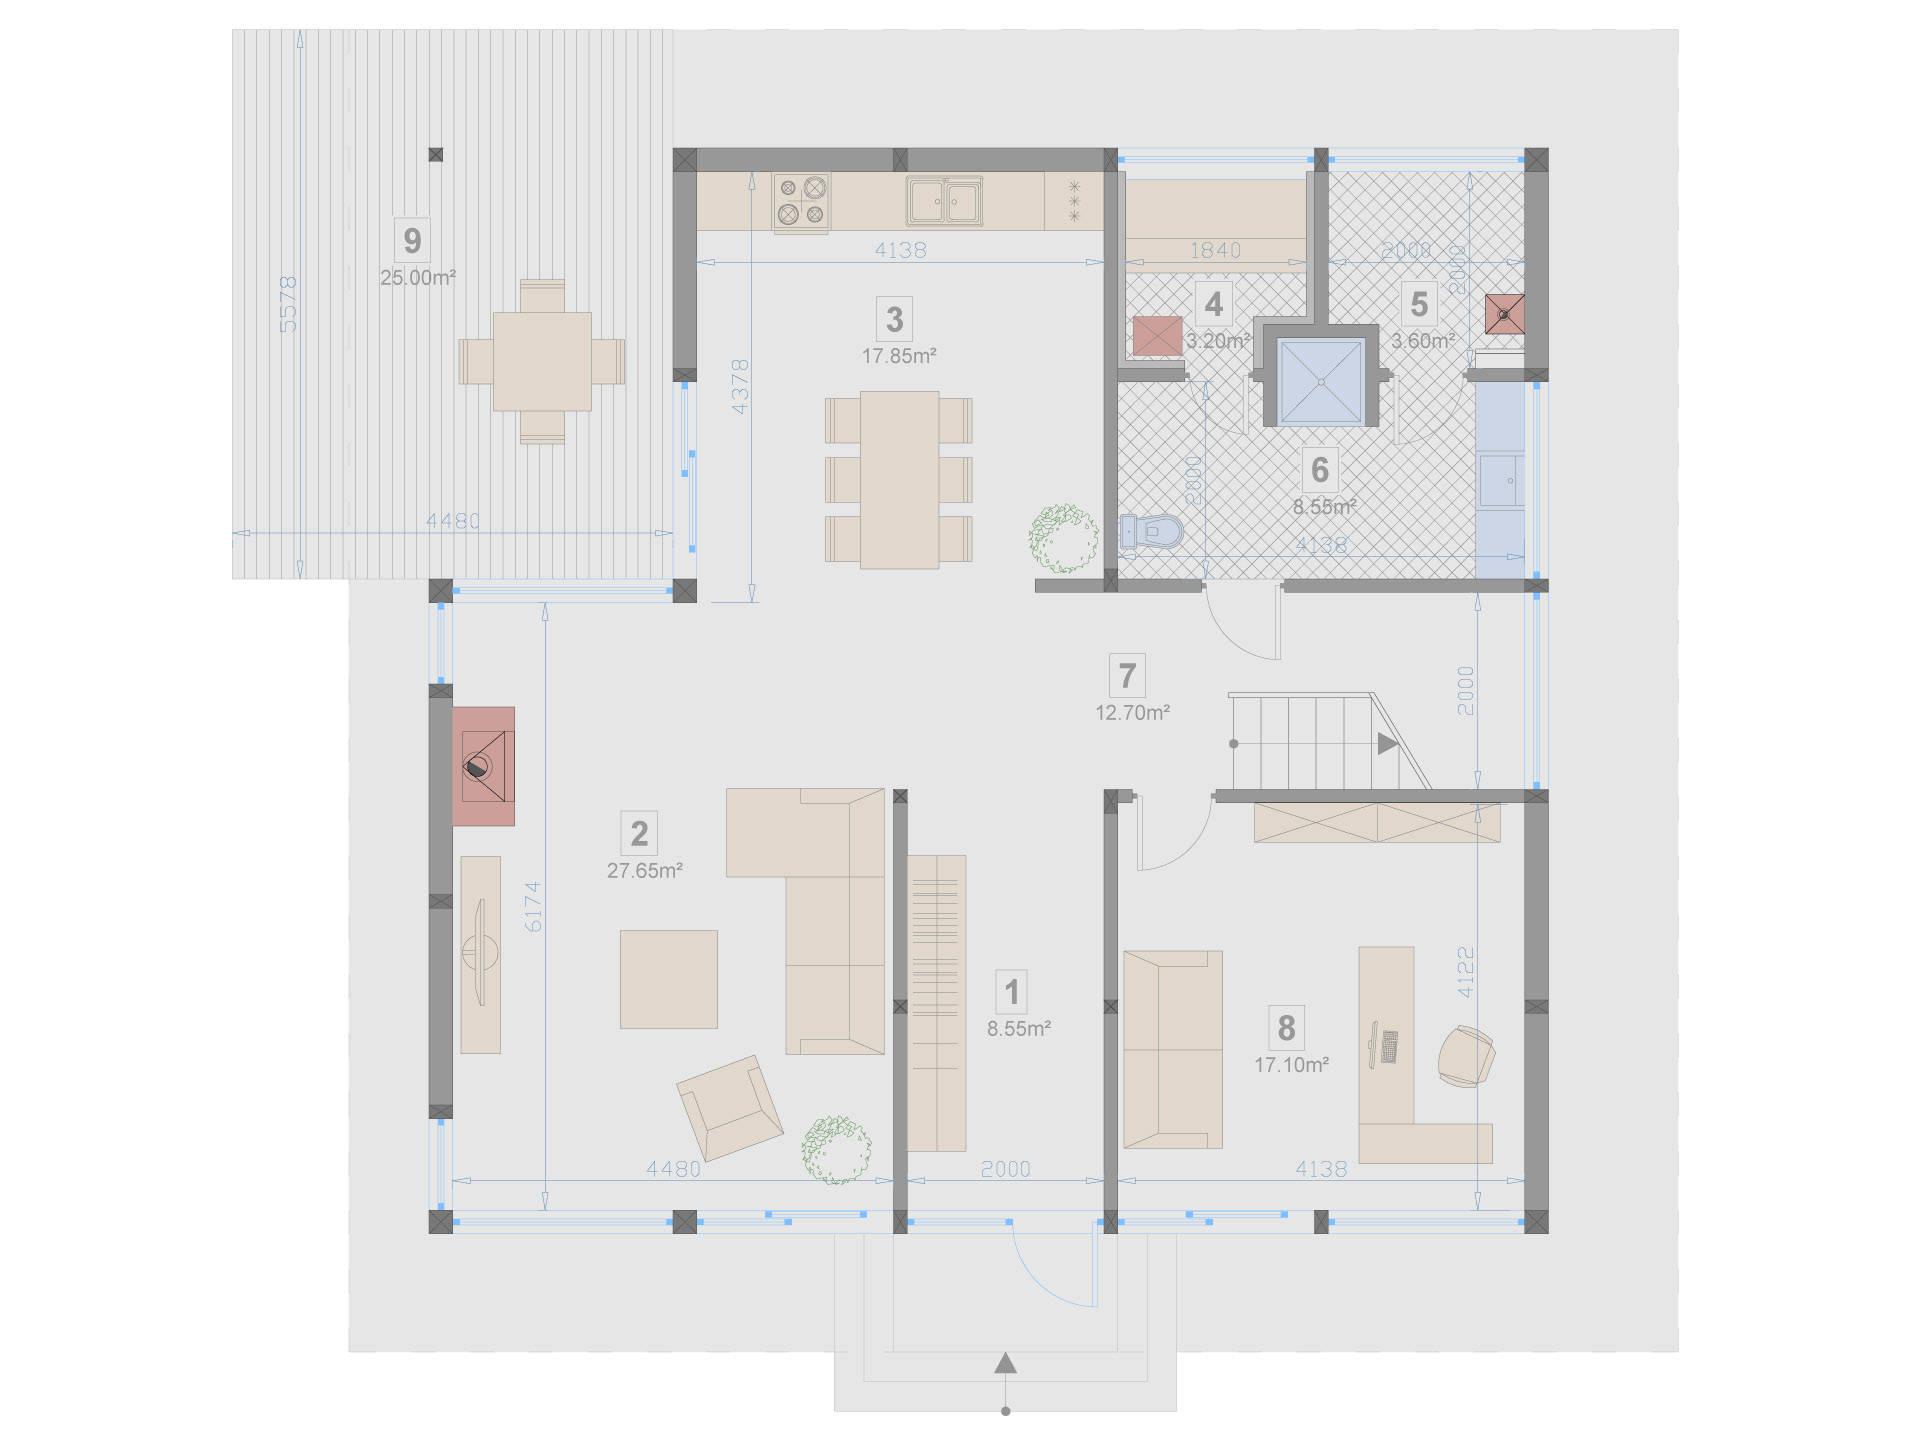 Familienhaus 180 von Designo Haus - Grundriss EG